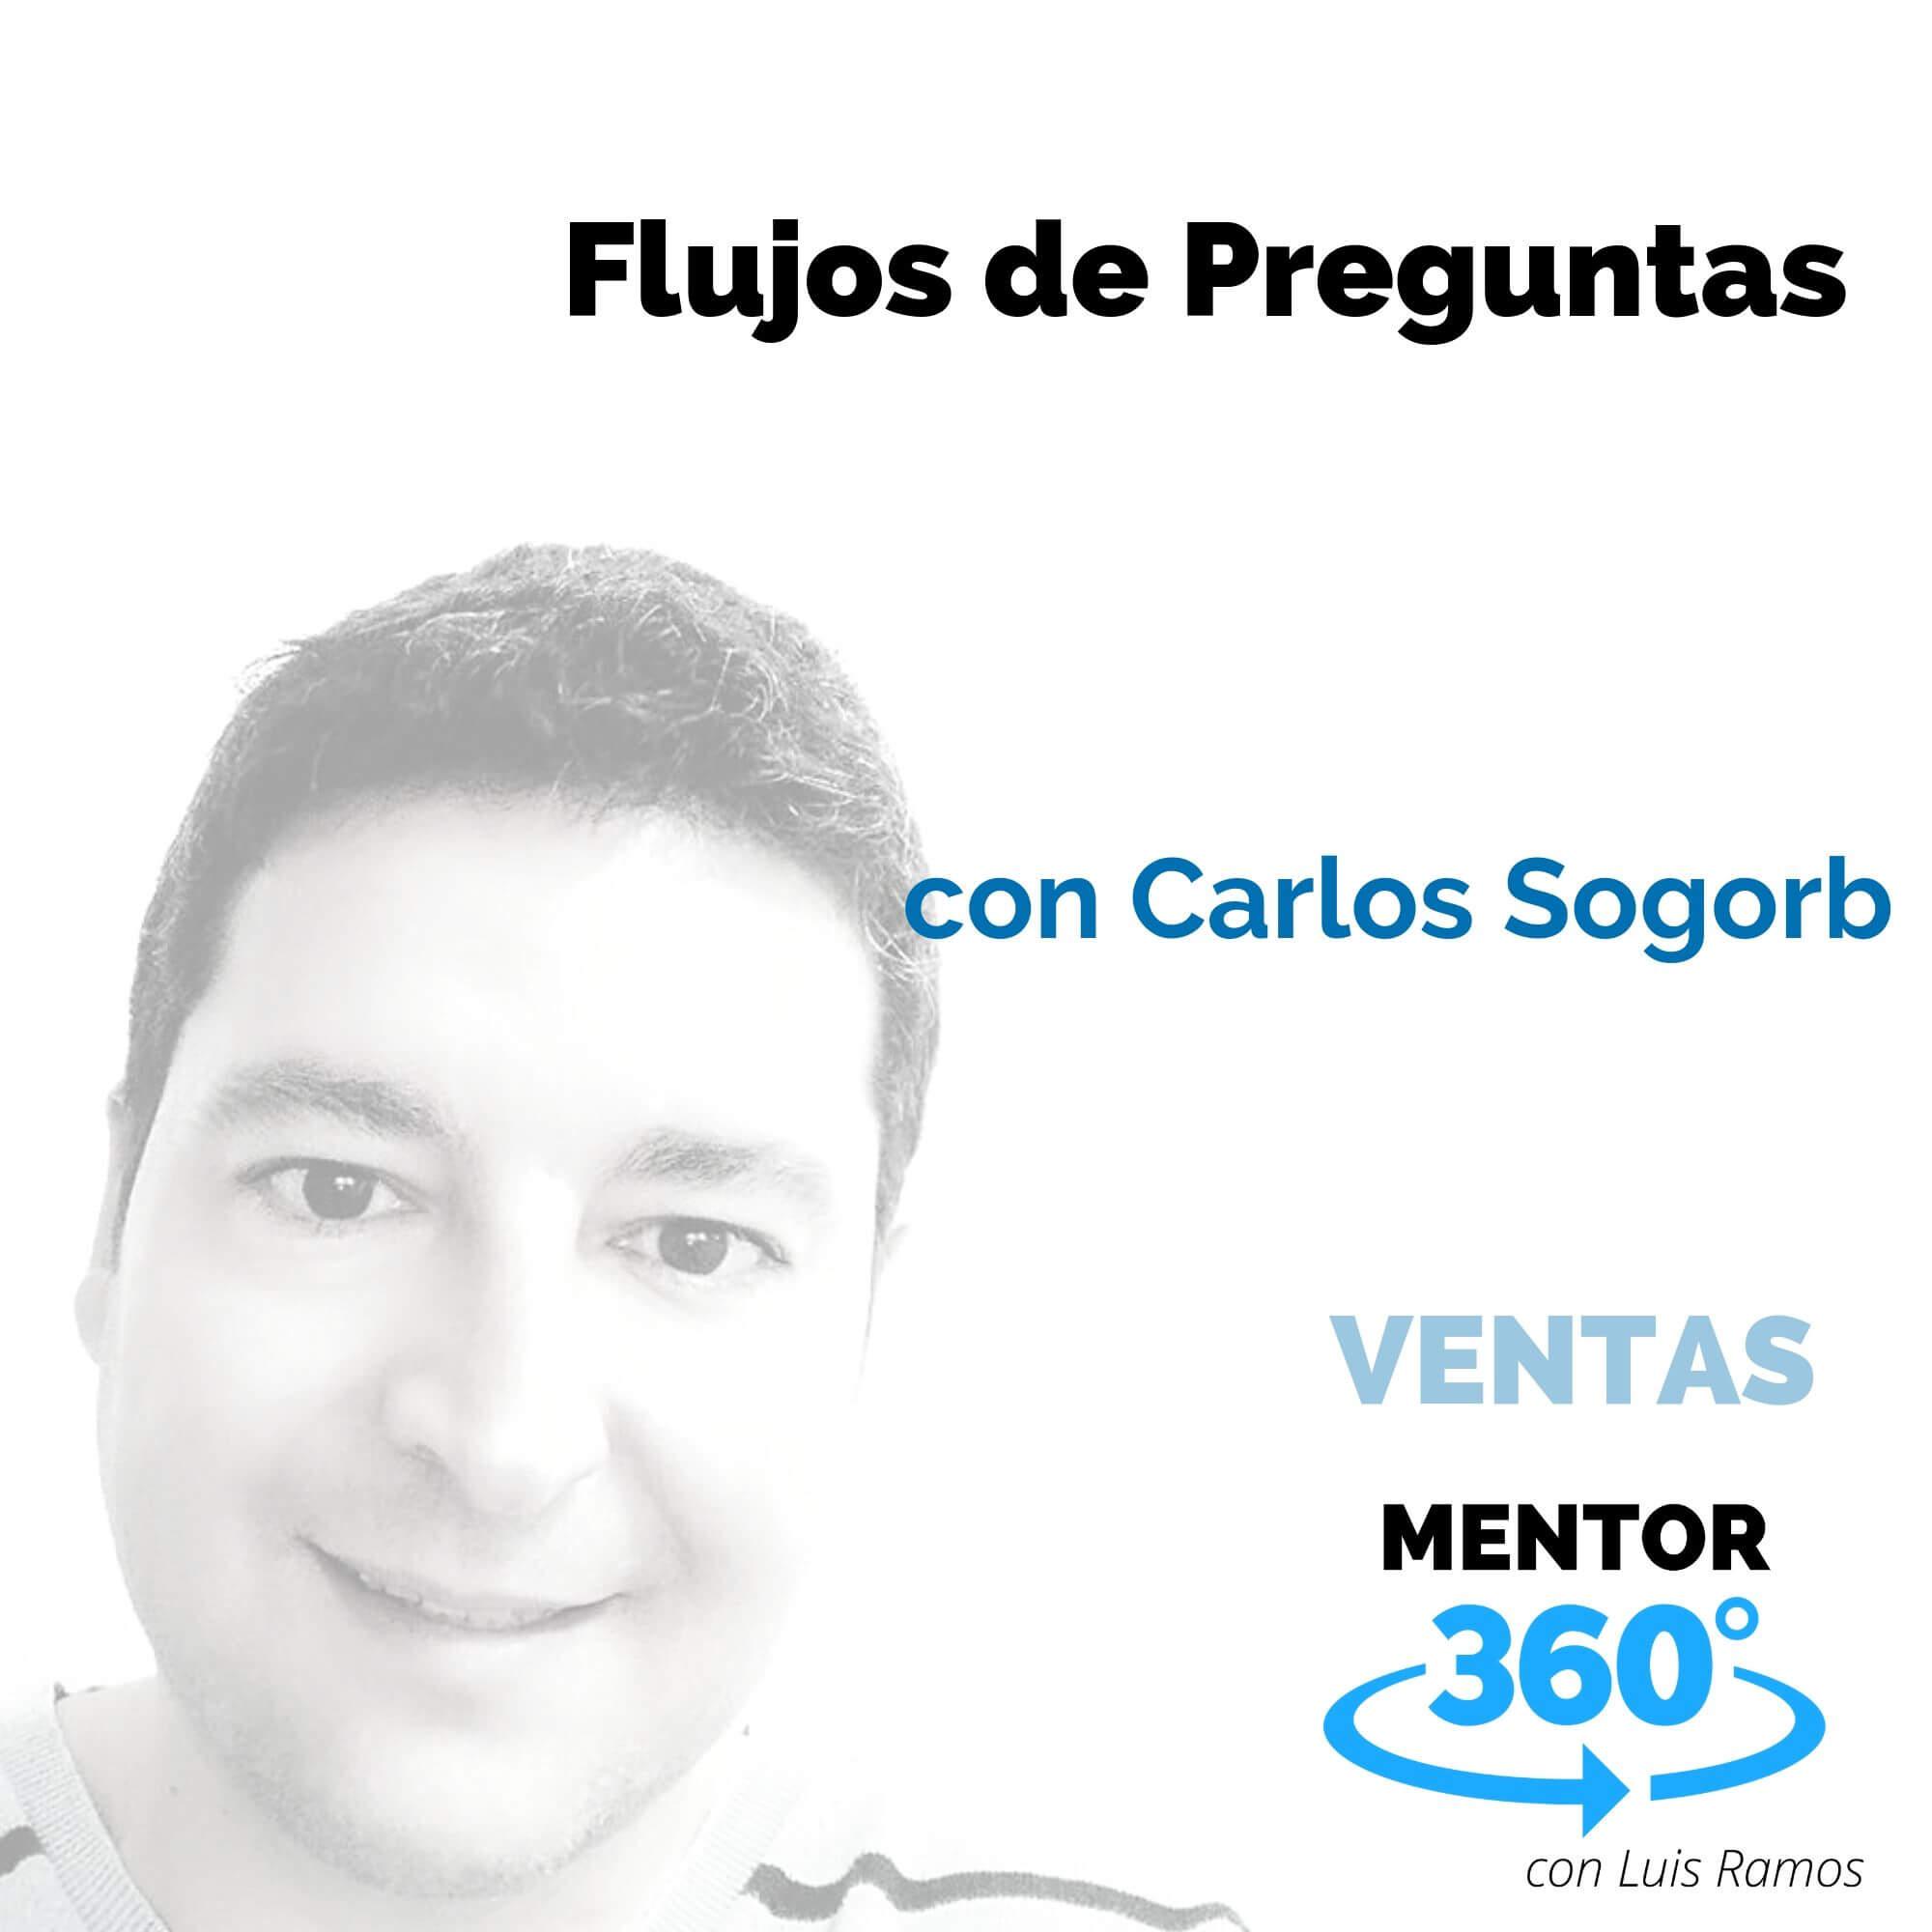 Flujos de preguntas, con Carlos Sogorb - VENTAS